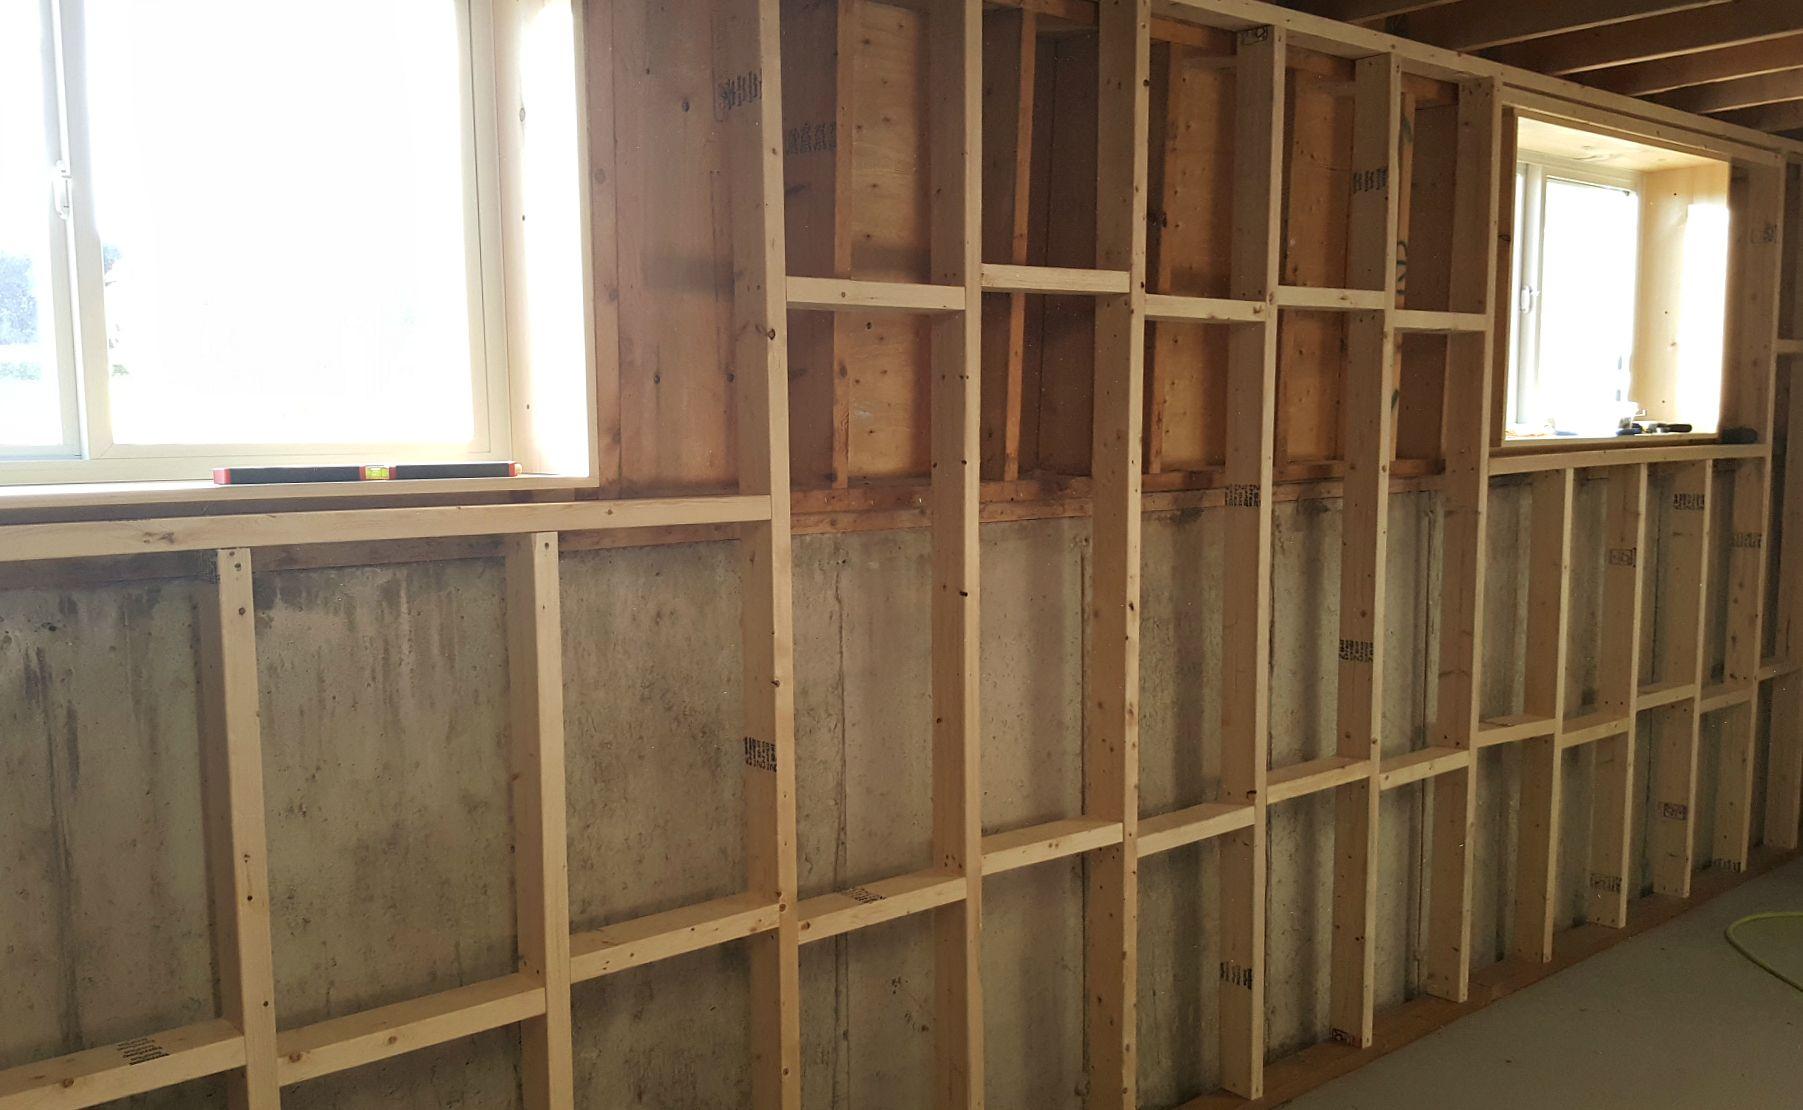 Basement Wall Framing Insulating Framing Basement Walls Basement Remodel Diy Basement Walls